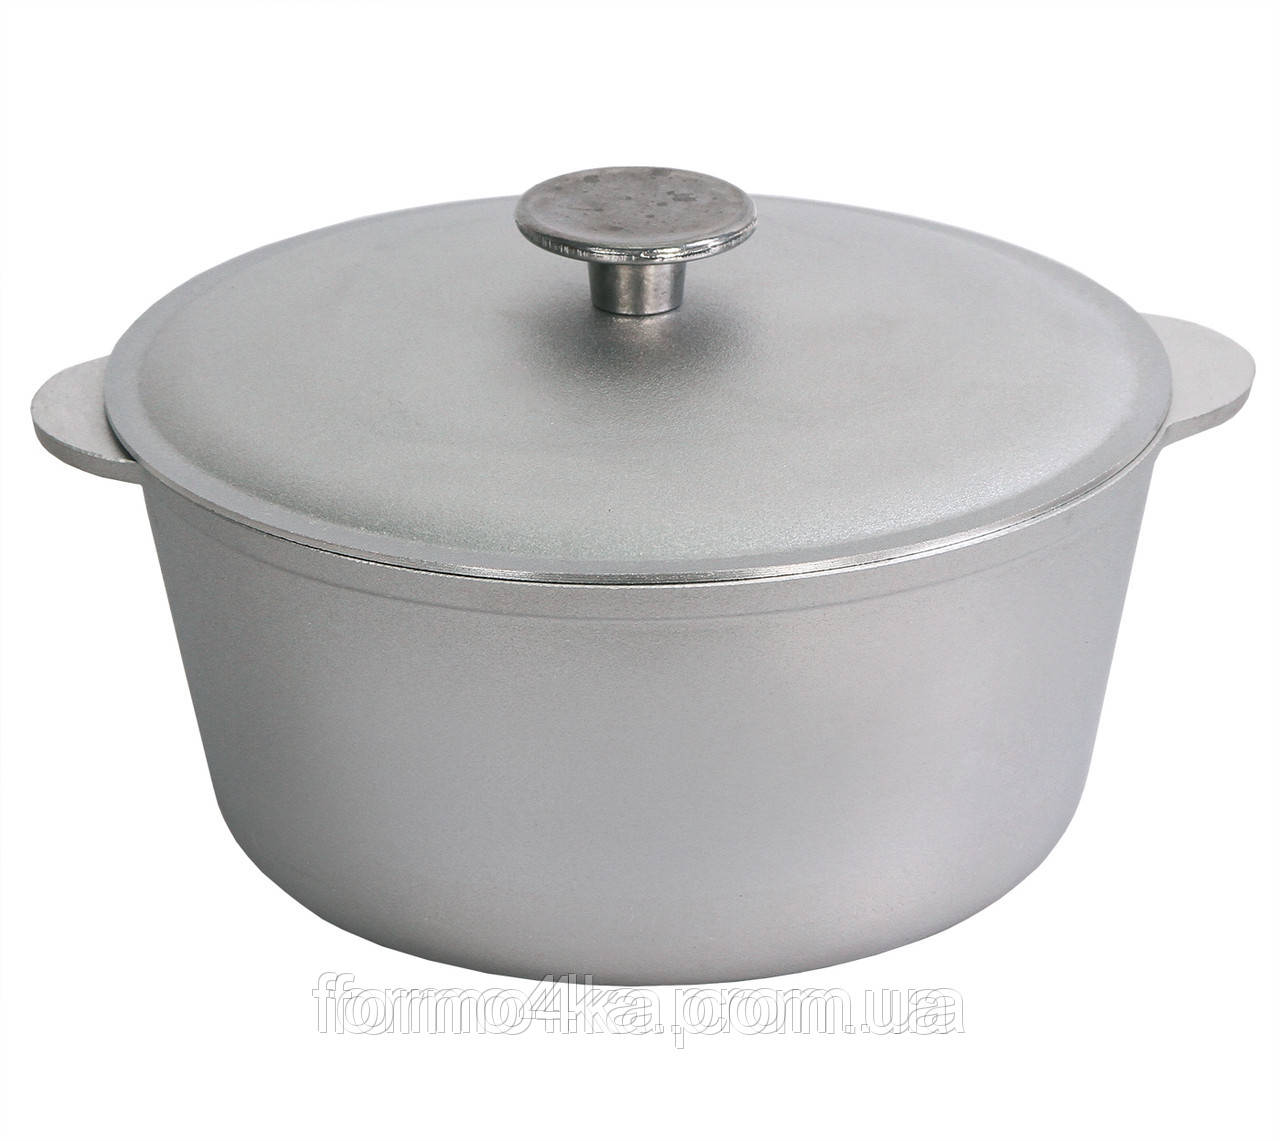 Кастрюля  алюминиевая 1,5 литра